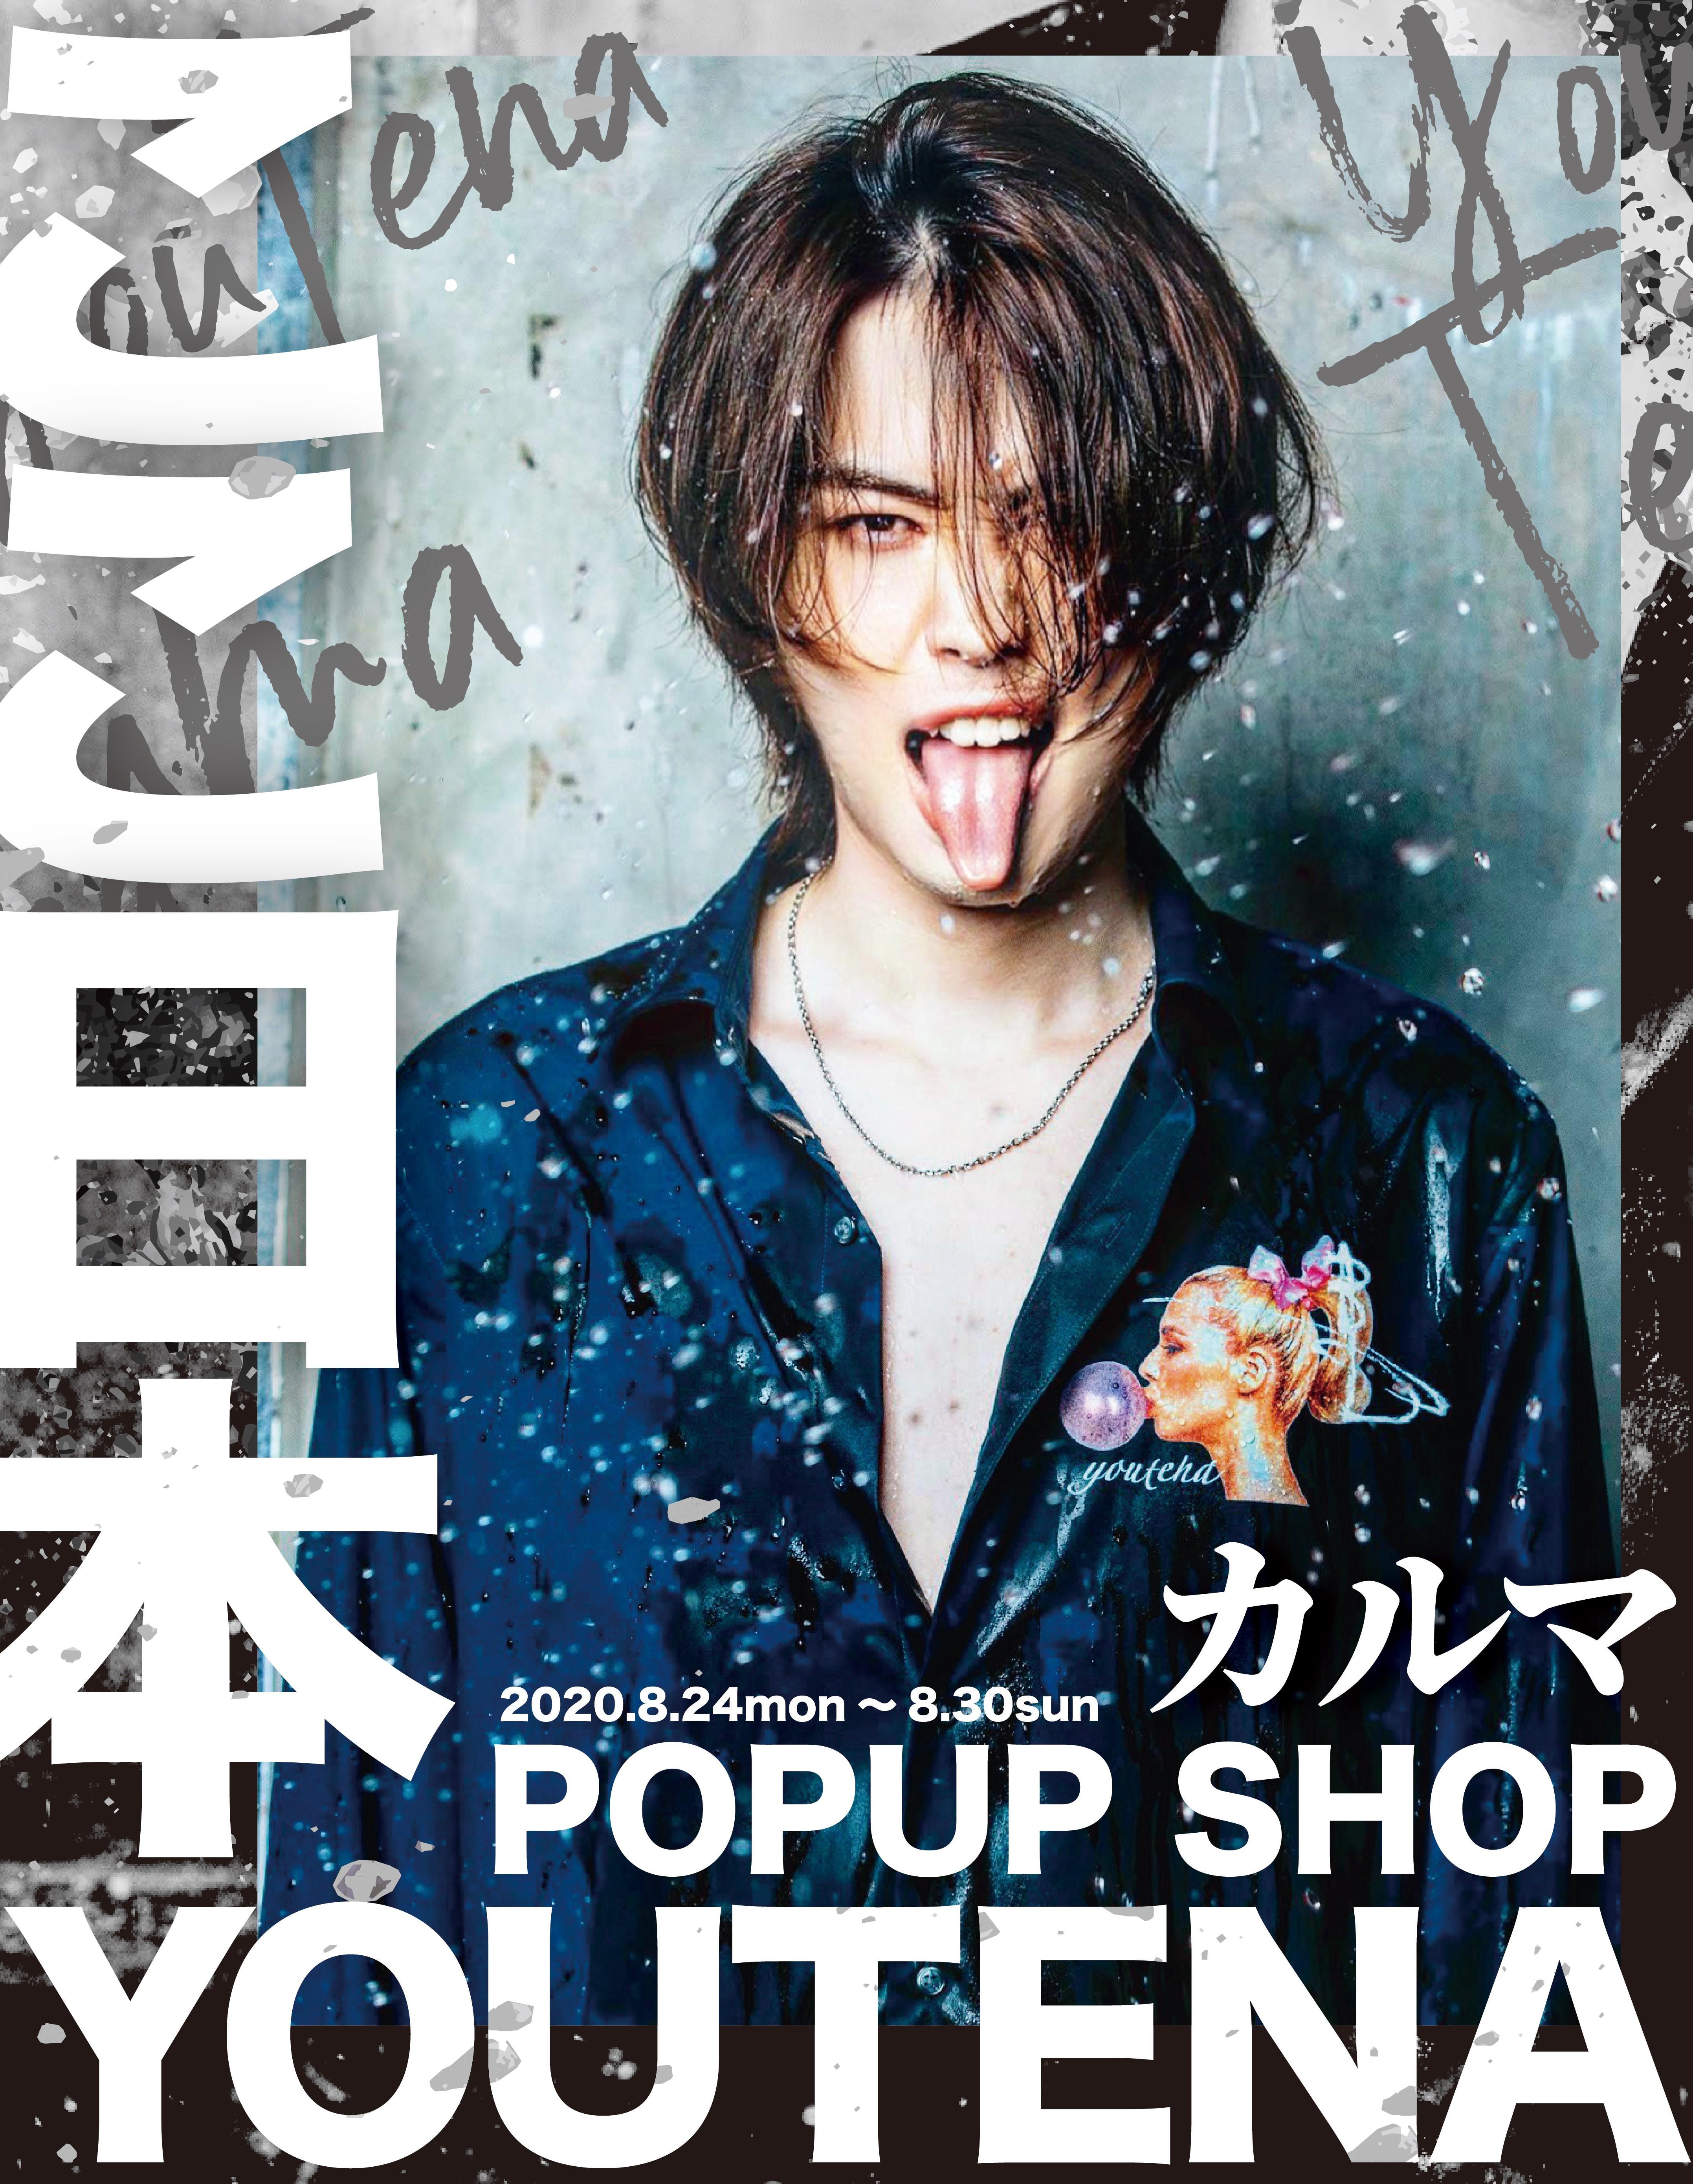 カルマ ここ日本youtena POP UP SHOP SHIBUYA109渋谷店 事前入店申込